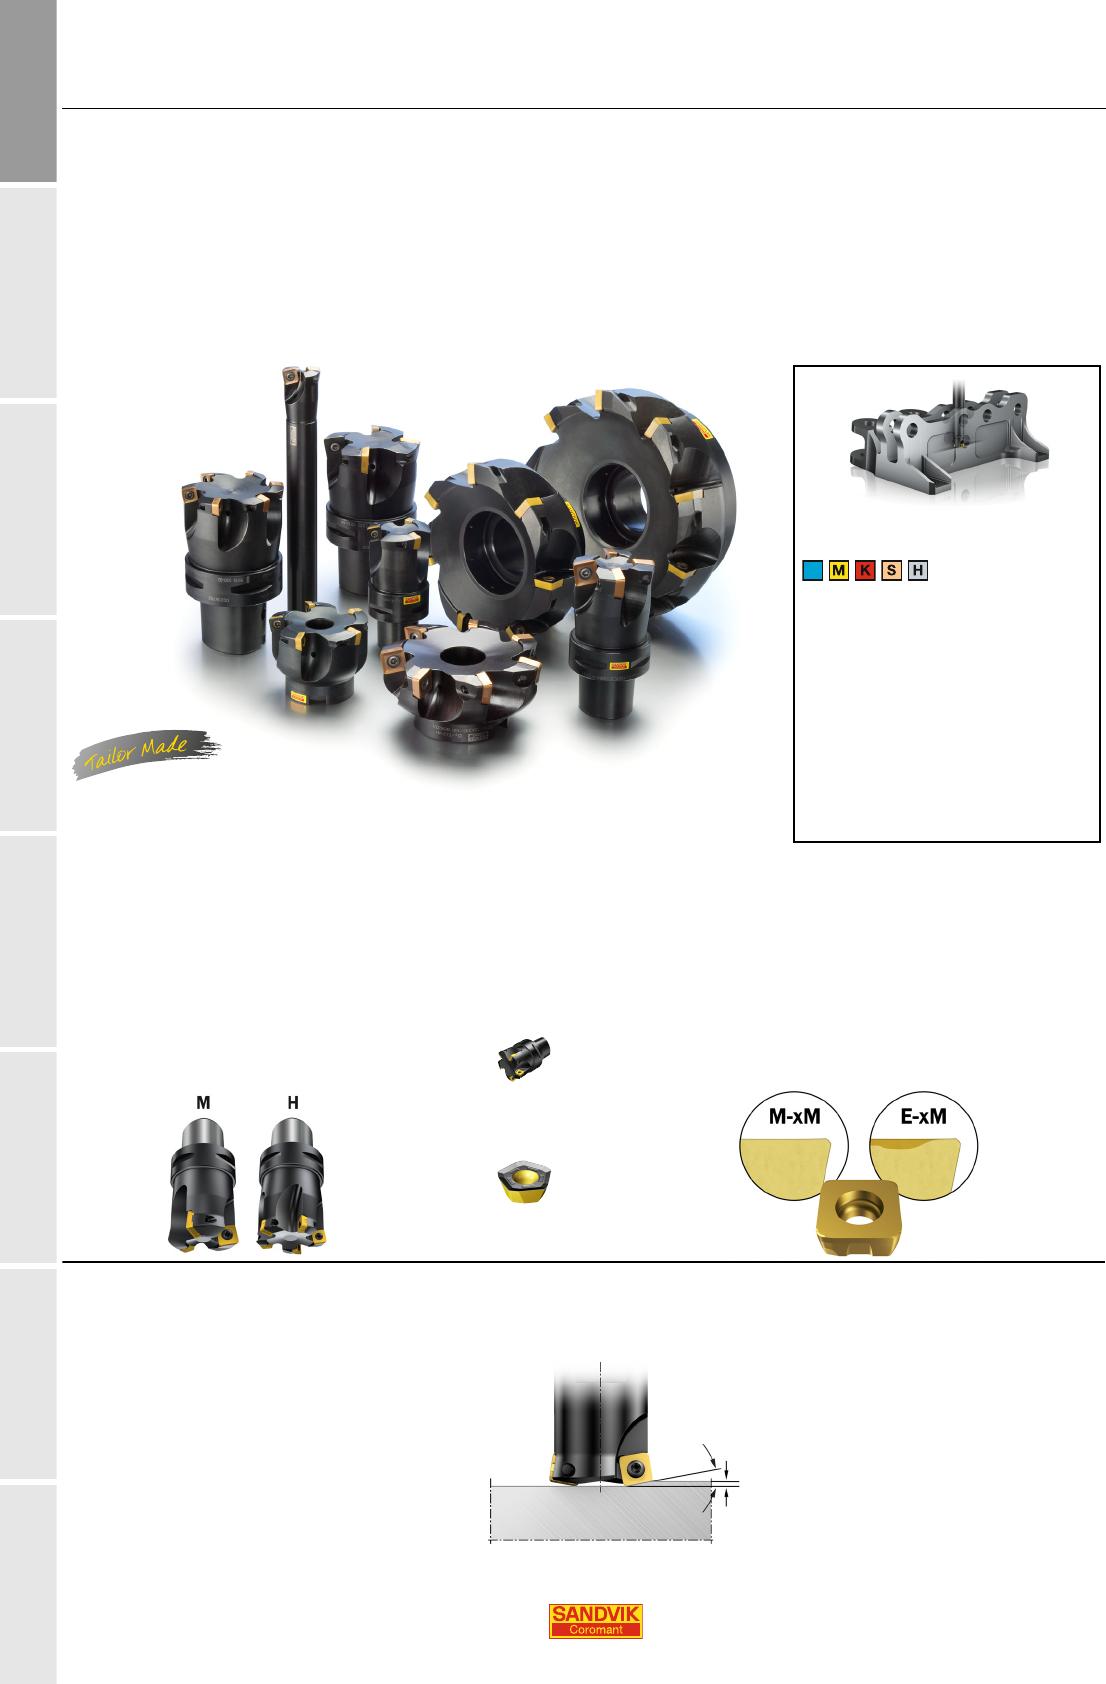 10 NEW Sandvik  INSERTS R245  18 T6 M-MM 2040